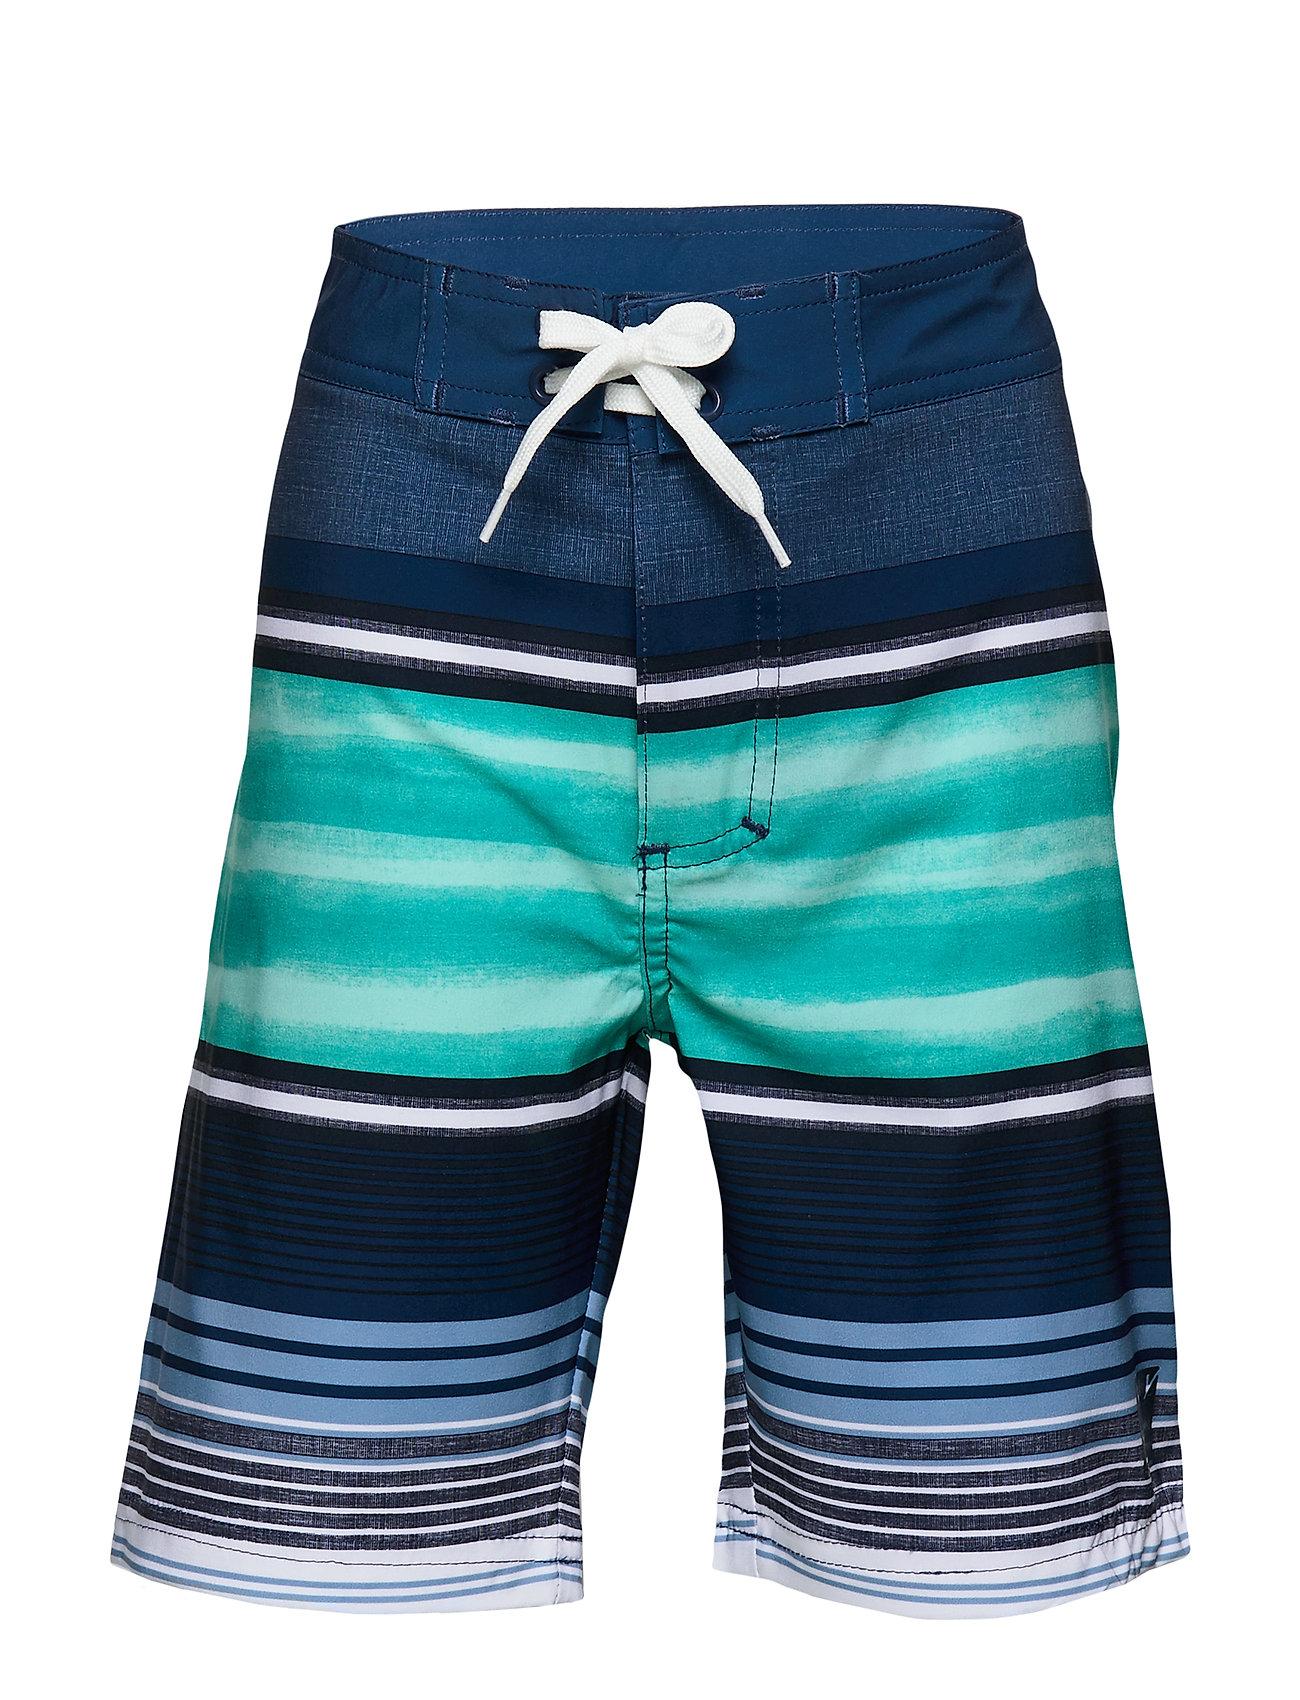 KILMANOCK Olfert jr. board shorts AOP - STELLAR